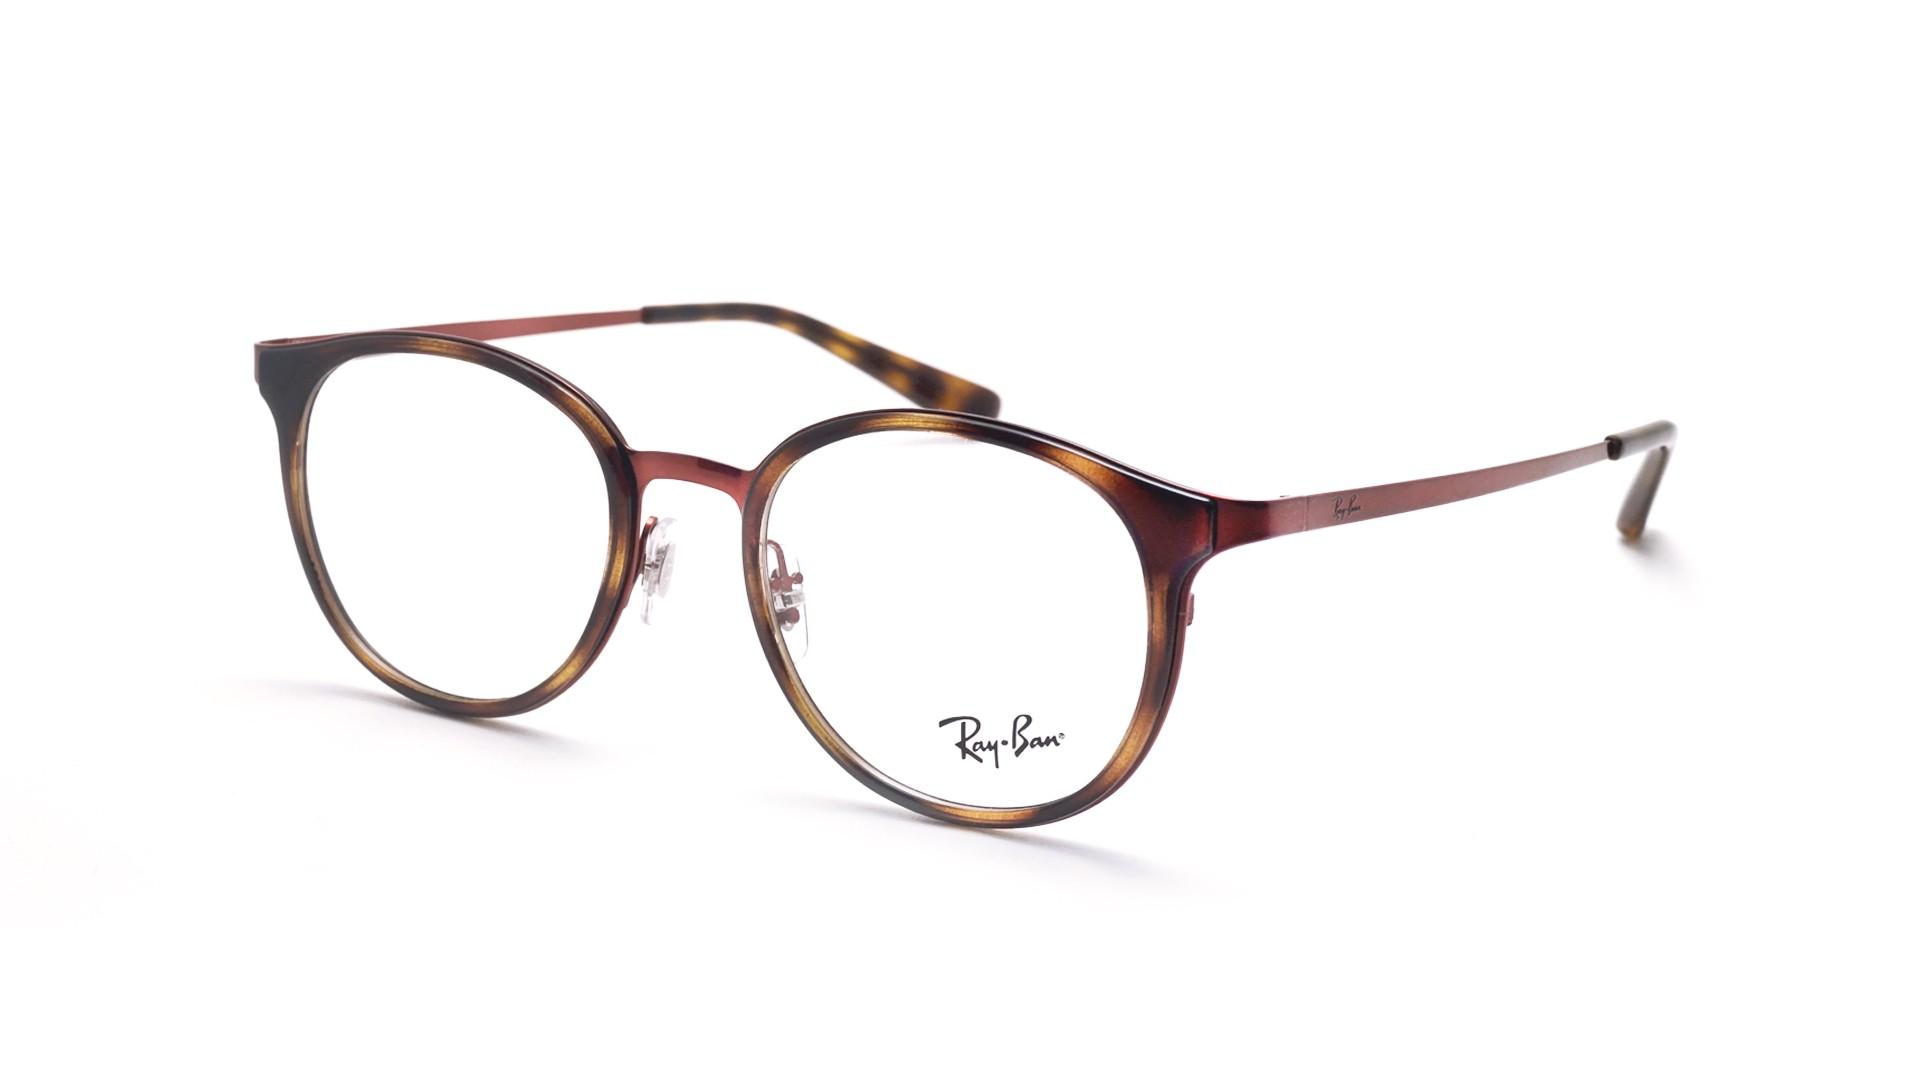 cc90f94ef3d Eyeglasses Ray-Ban RX6372M RB6372M 2922 50-19 Tortoise Medium